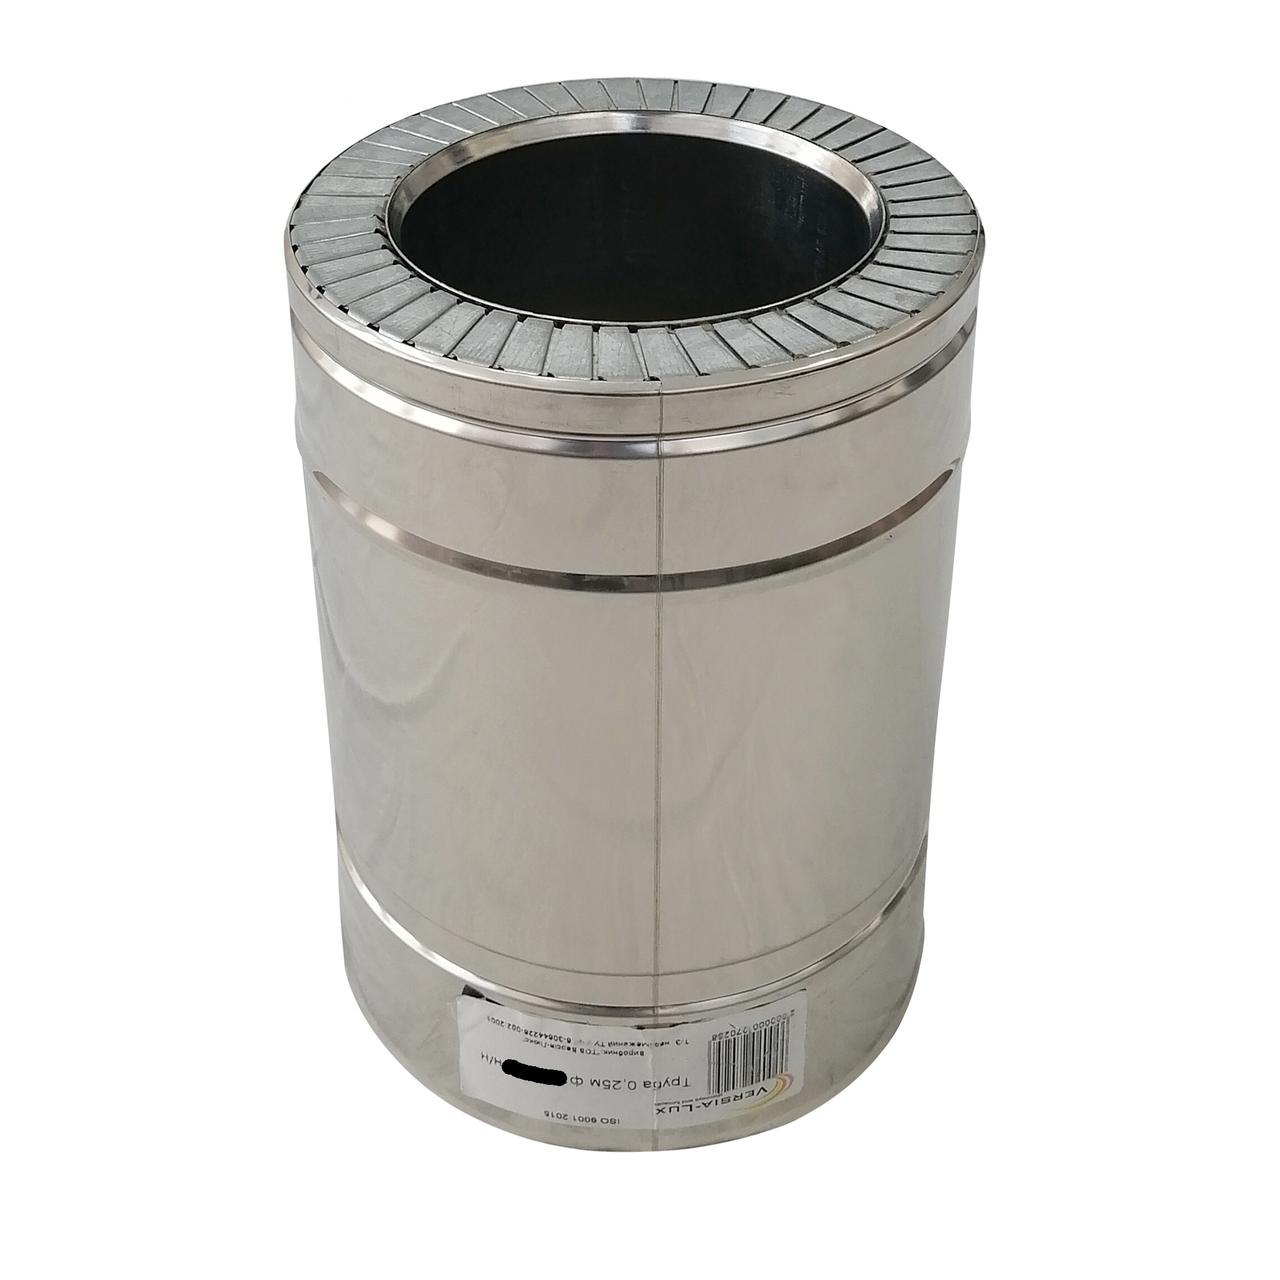 Труба димохідна сендвіч d 180 мм; 0,8 мм; AISI 304; 25 см; нержавіюча сталь/неіржавіюча сталь - «Версія-Люкс»